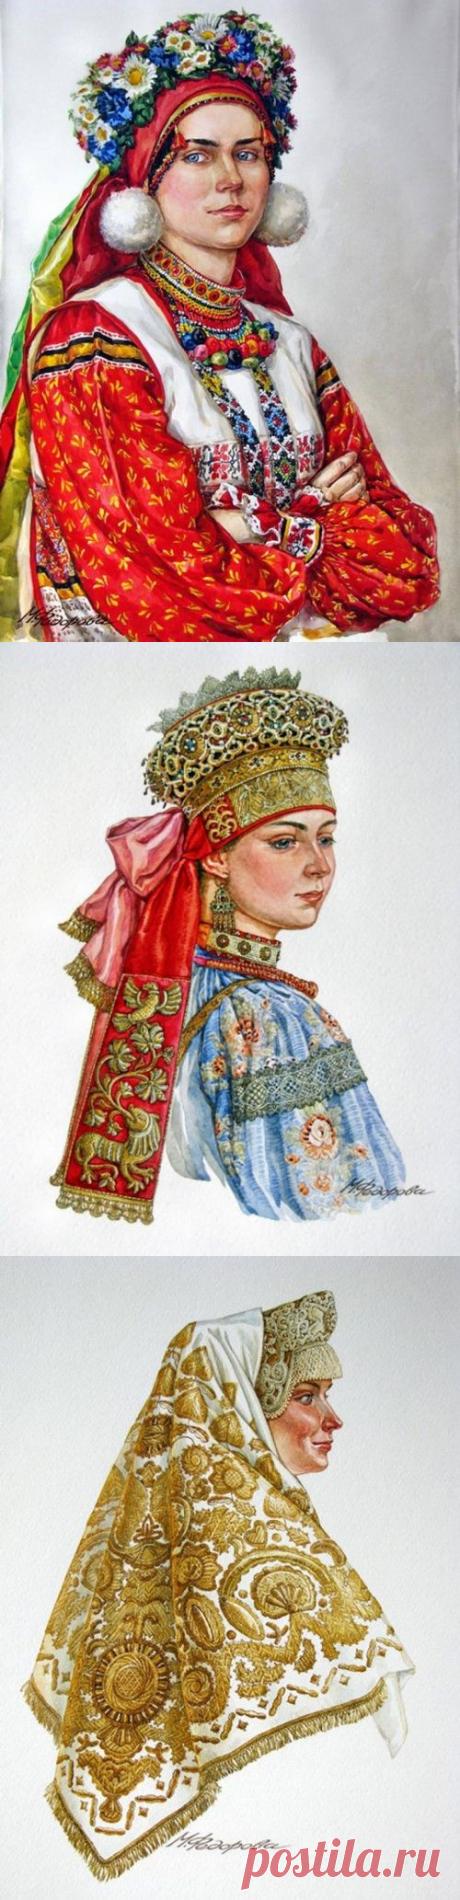 """Традиционный костюм """"Русский север"""" Художник М.Федорова."""